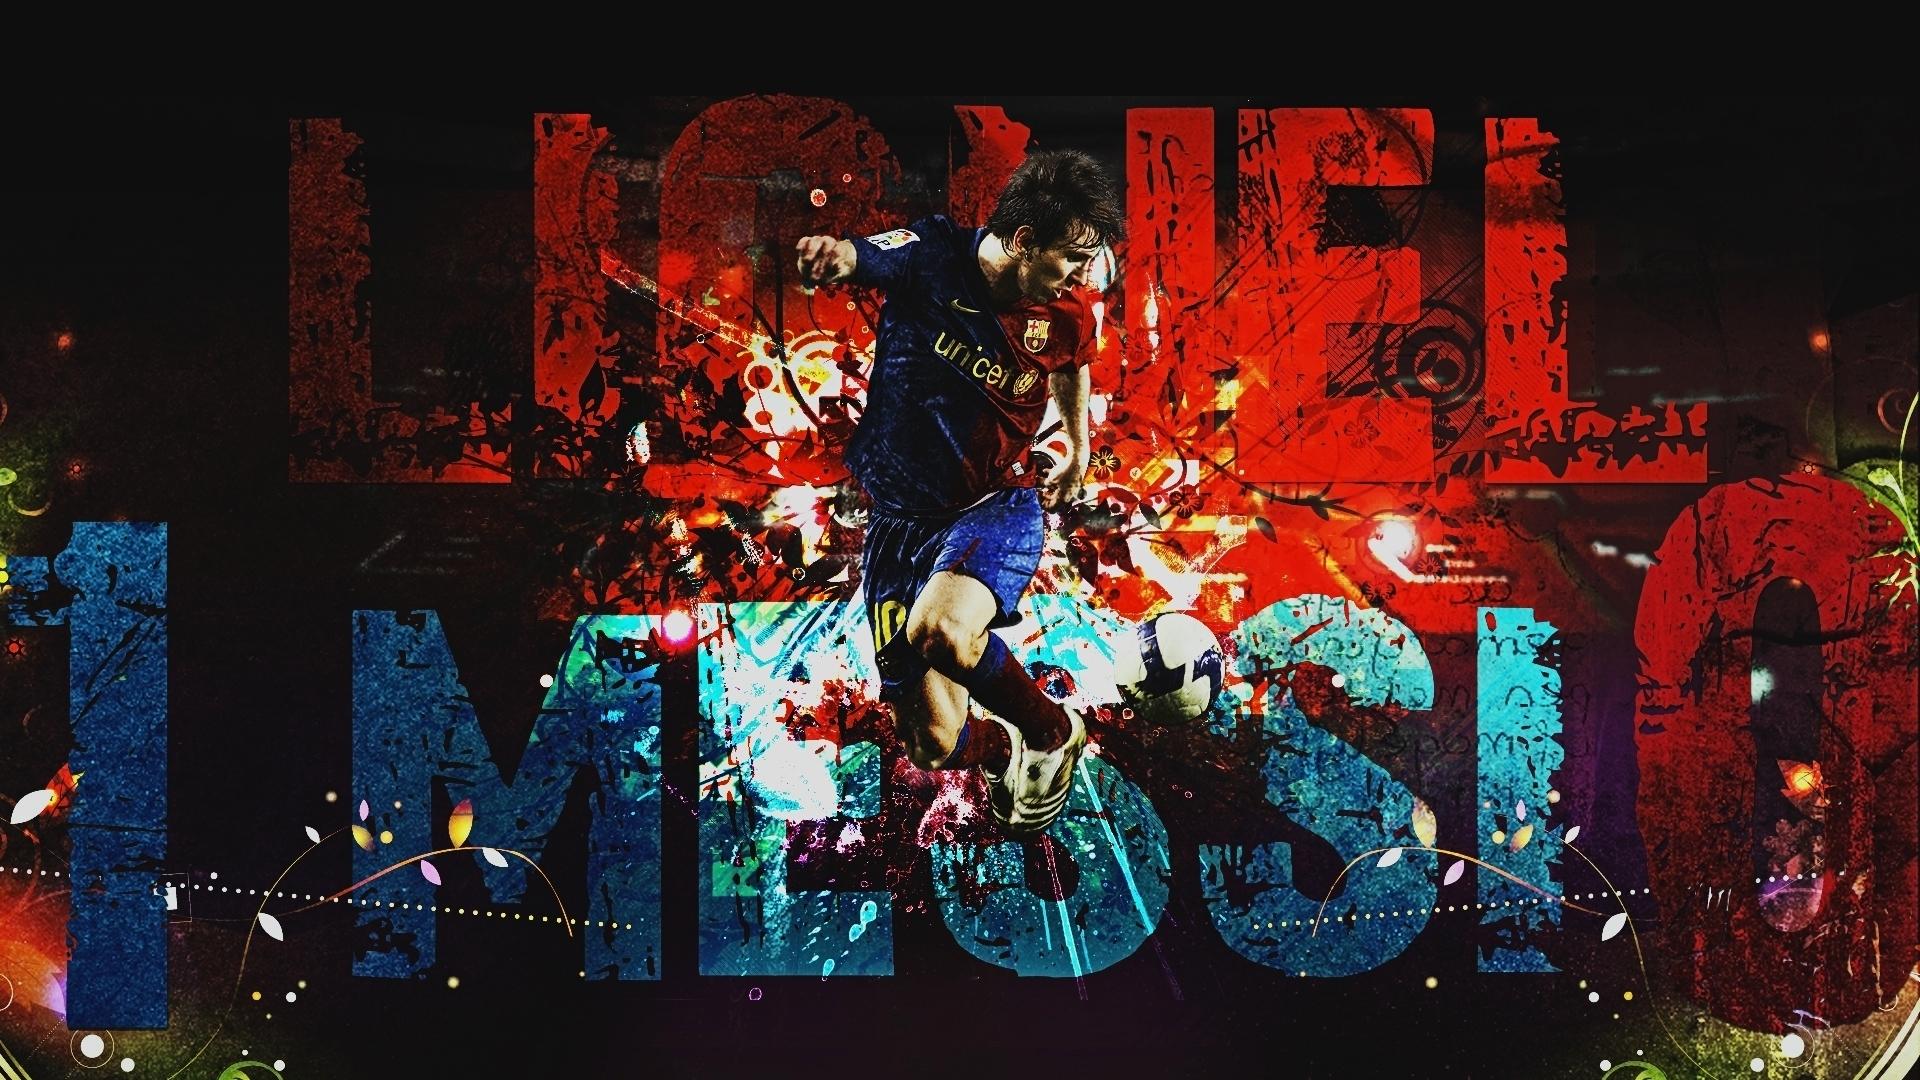 Fondos De Pantalla Camp Nou España El Fc Barcelona: Barcelona Lionel Messi HD Wallpaper